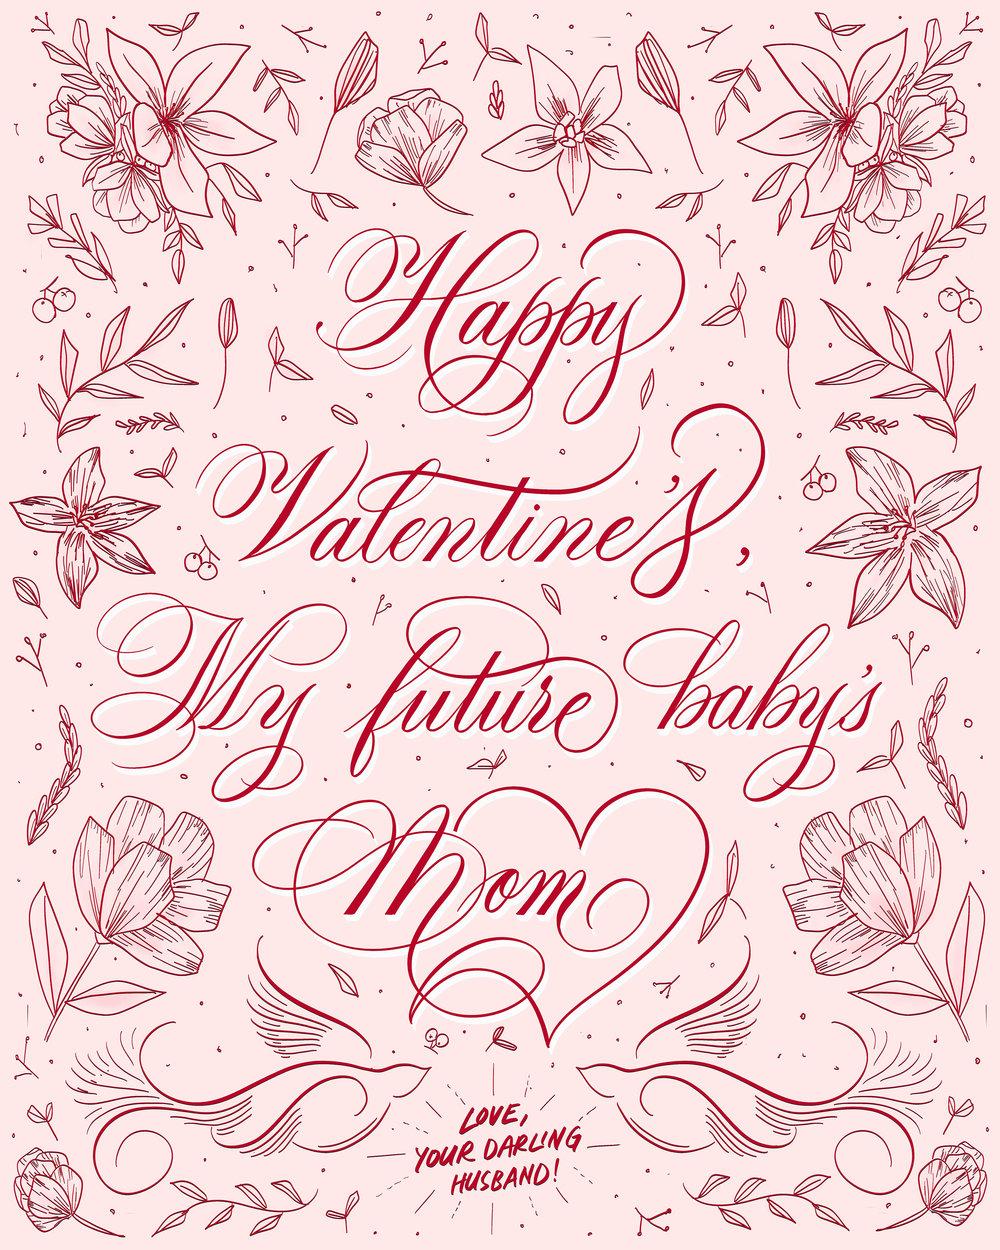 Happy Valentines Day Mom.jpg